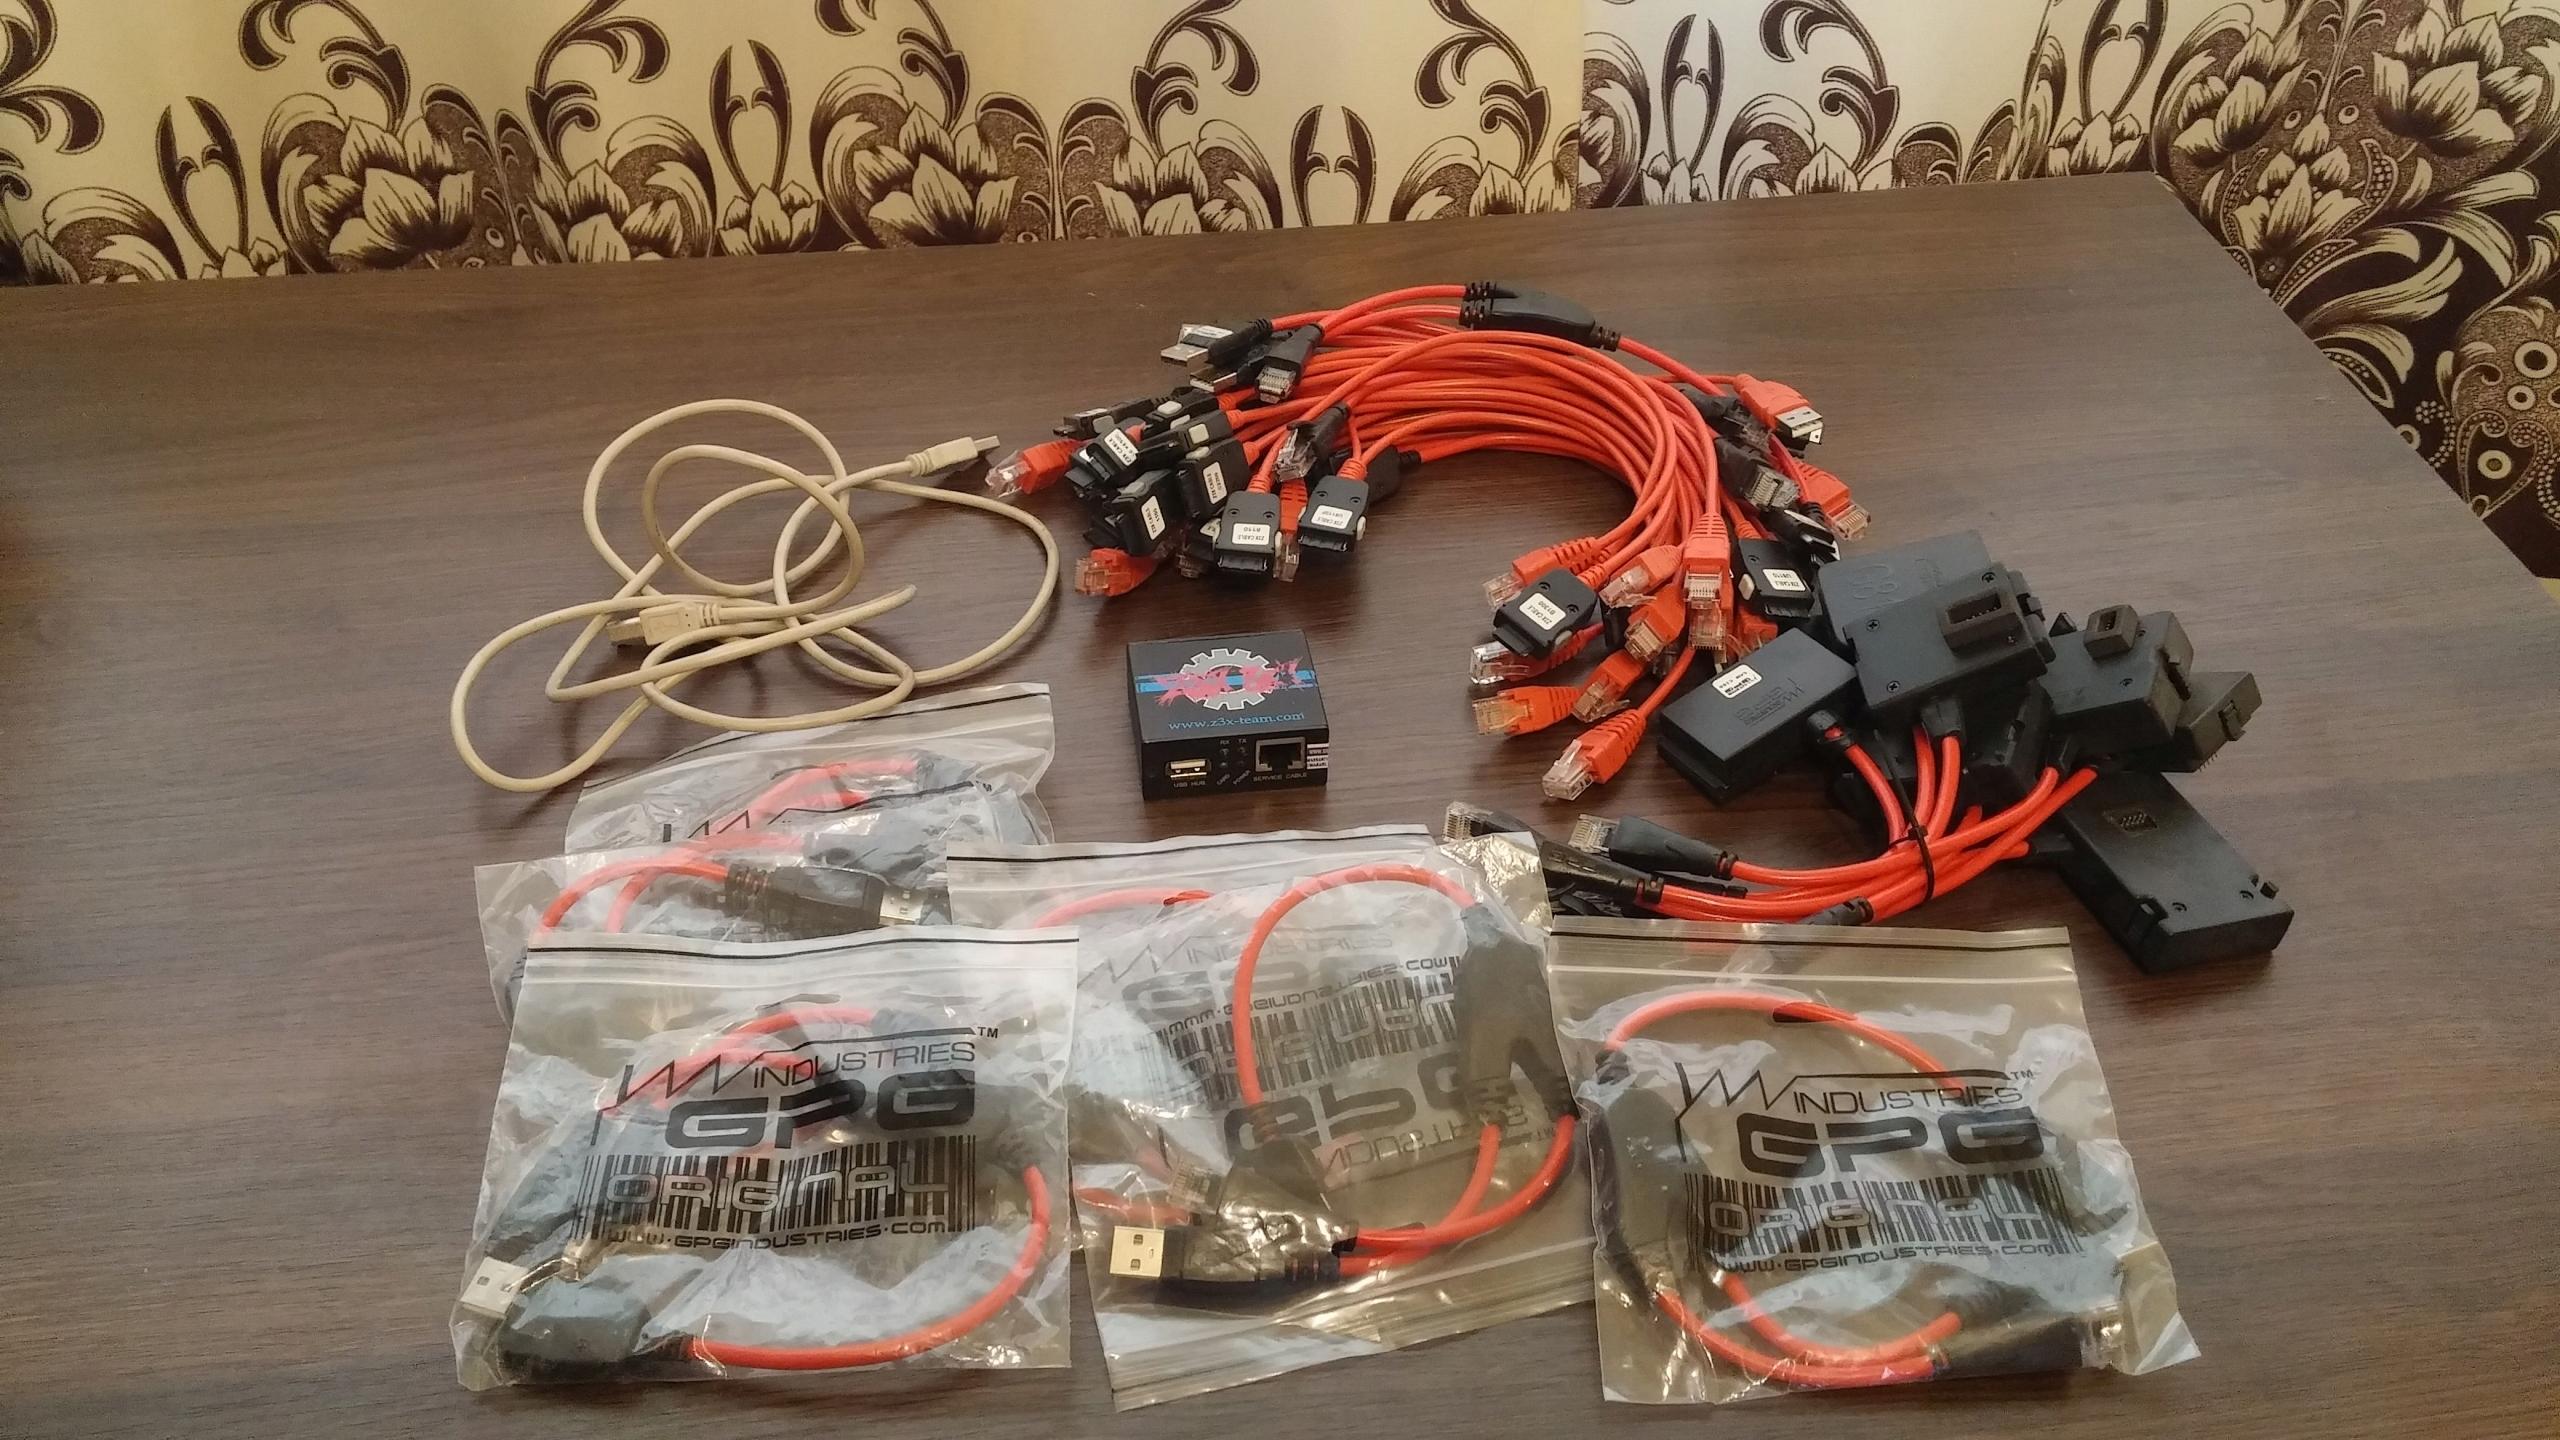 Boxy: Z3x Box/Mt Box/SE Tool /HXC Pro/Cyclone Key